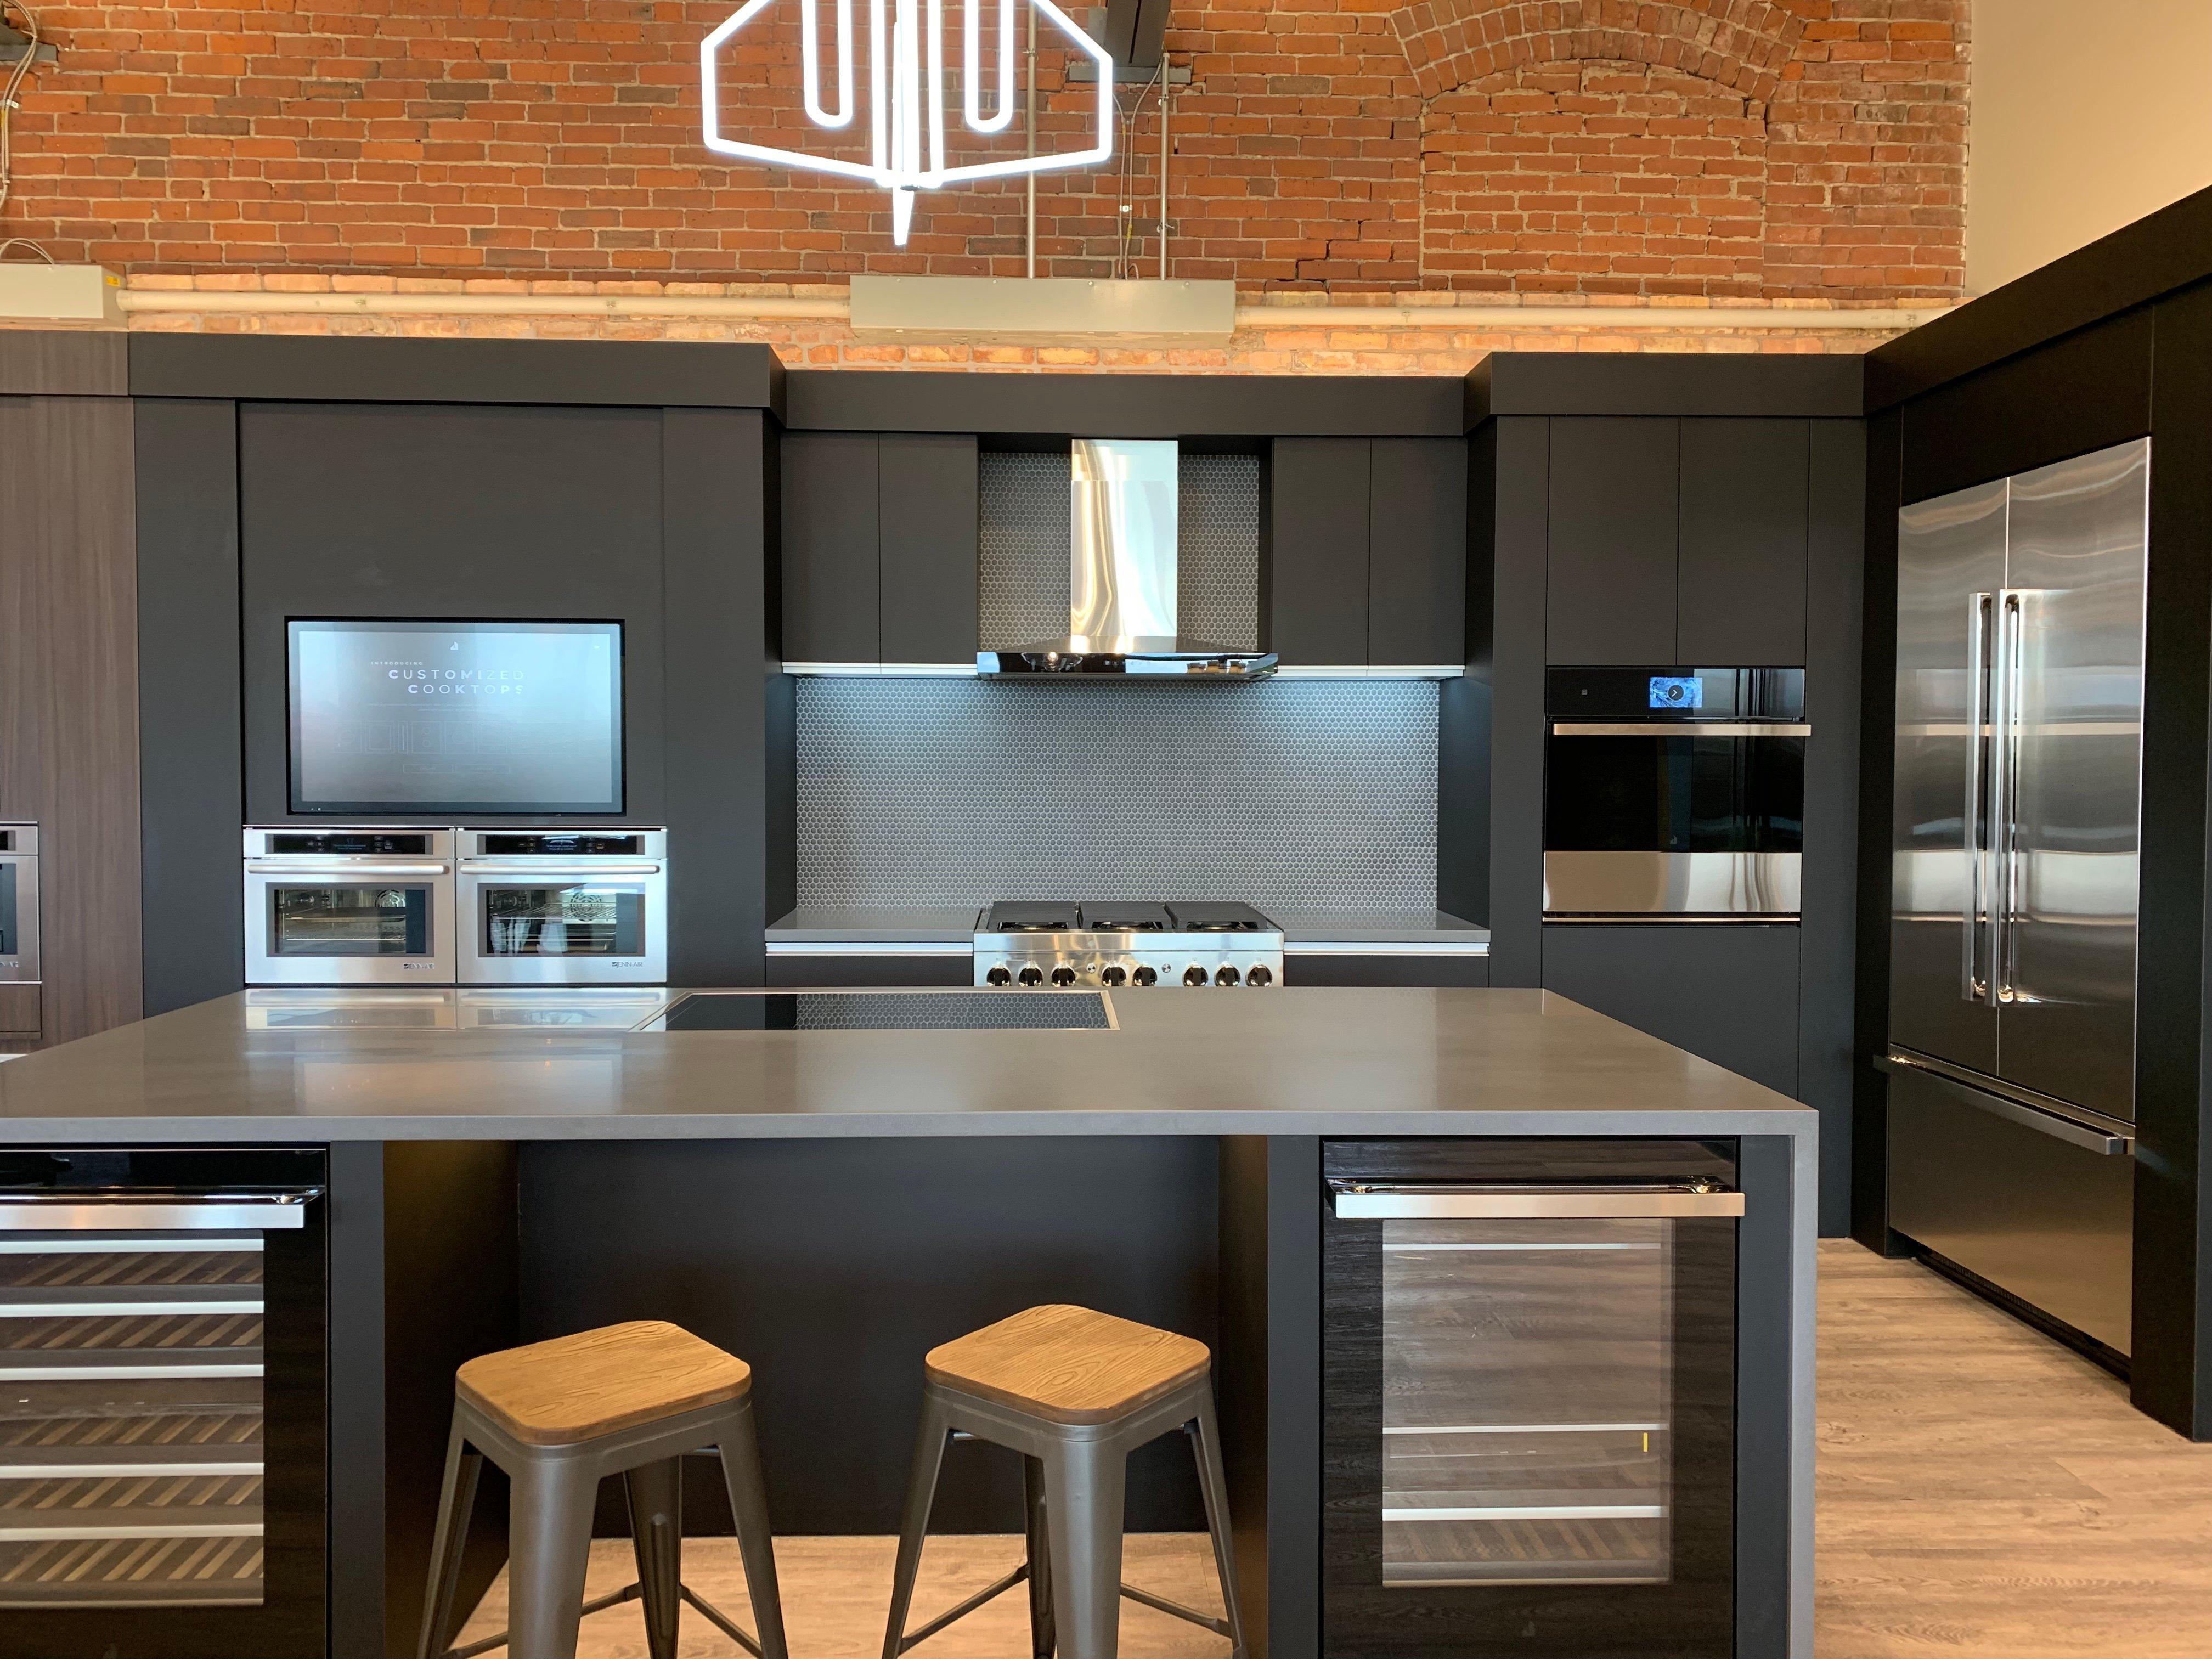 Noir kitchen